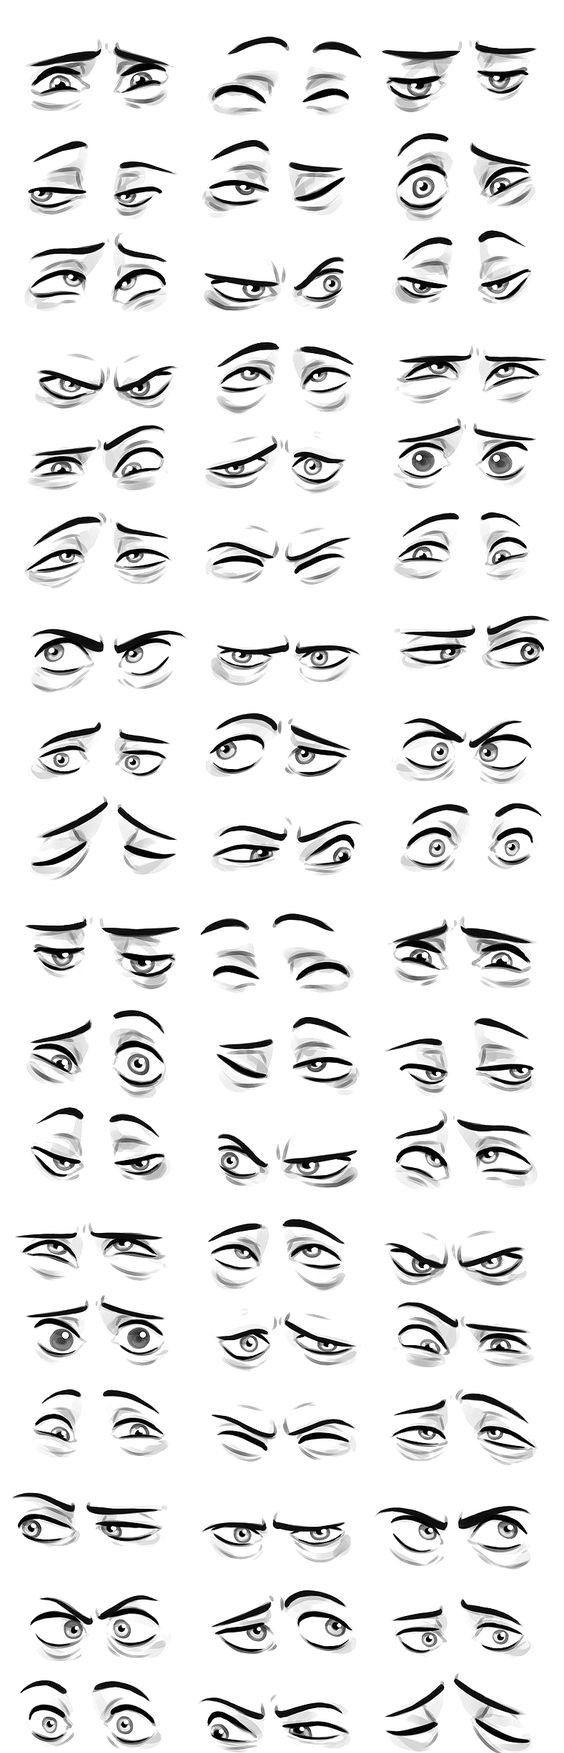 Глаза и эмоциональное состояние человек, взгляд, эмоции, рисунок, длиннопост